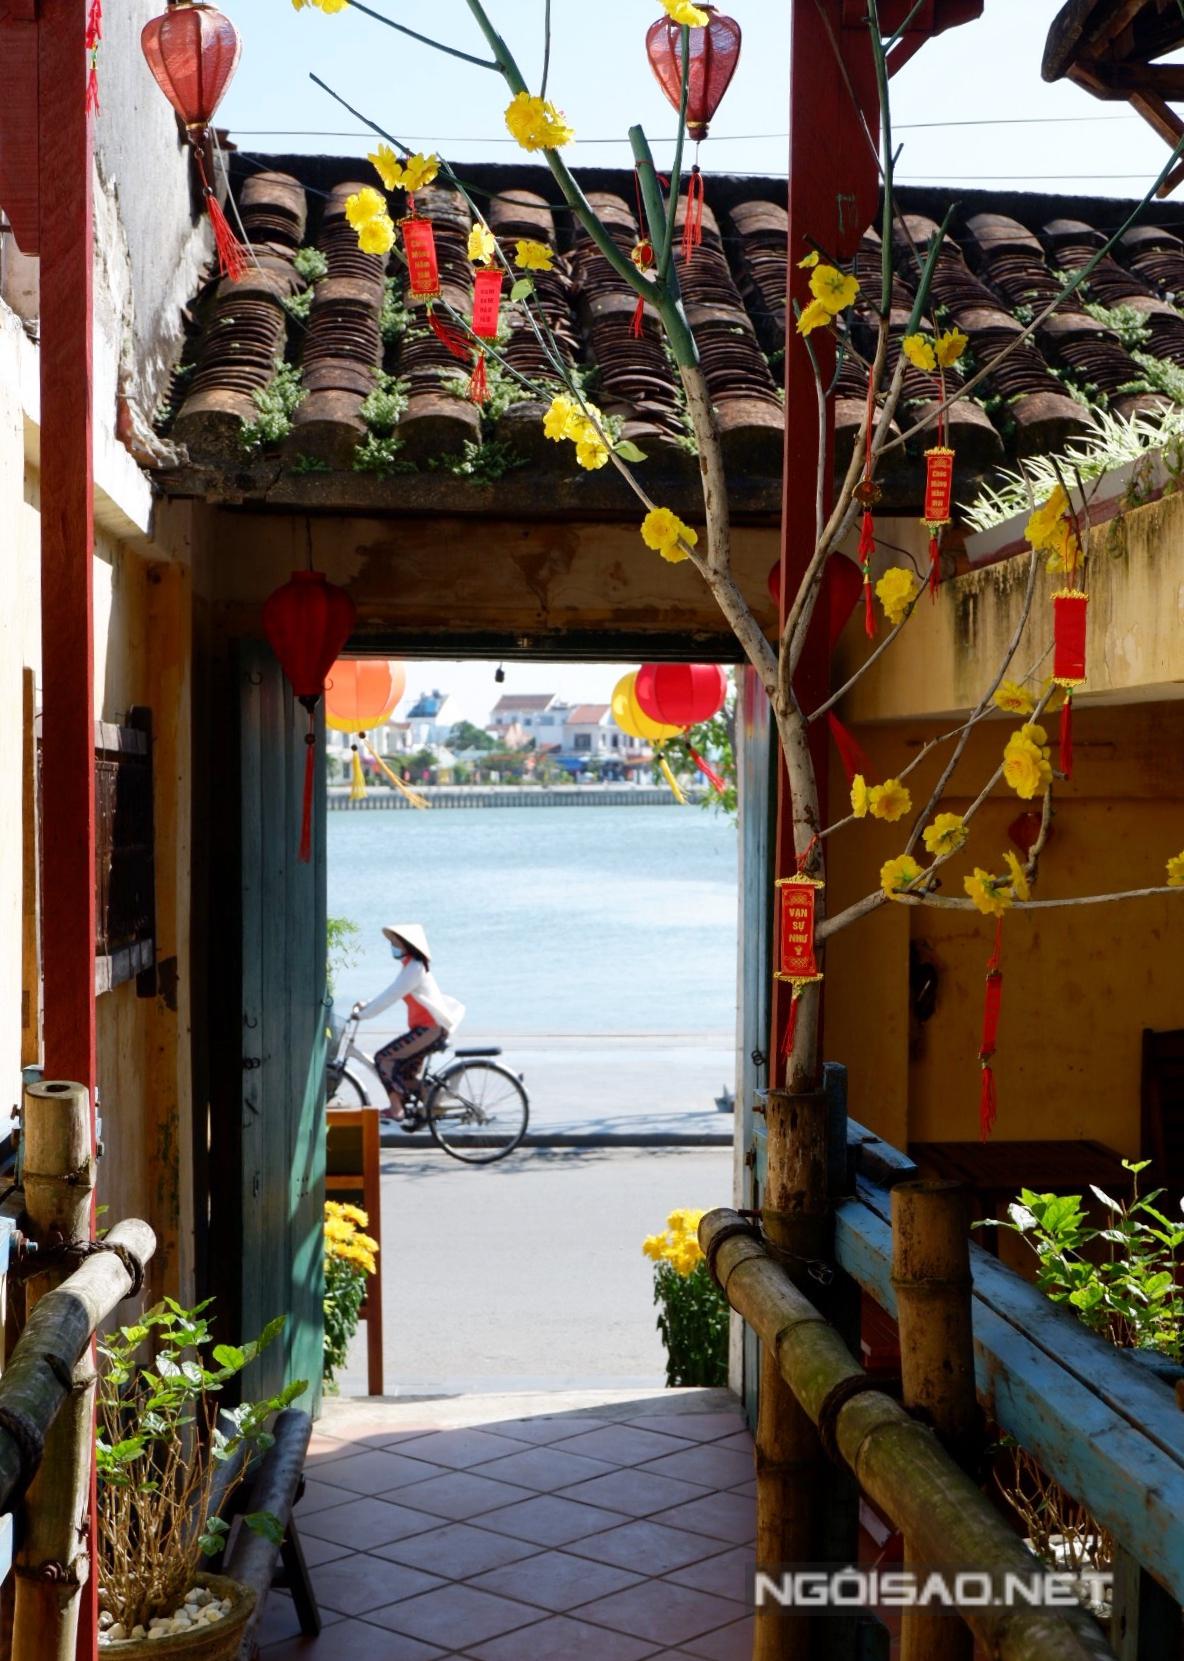 Quán thông từ đường Nguyễn Thái Học sang đường Bạch Đằng.